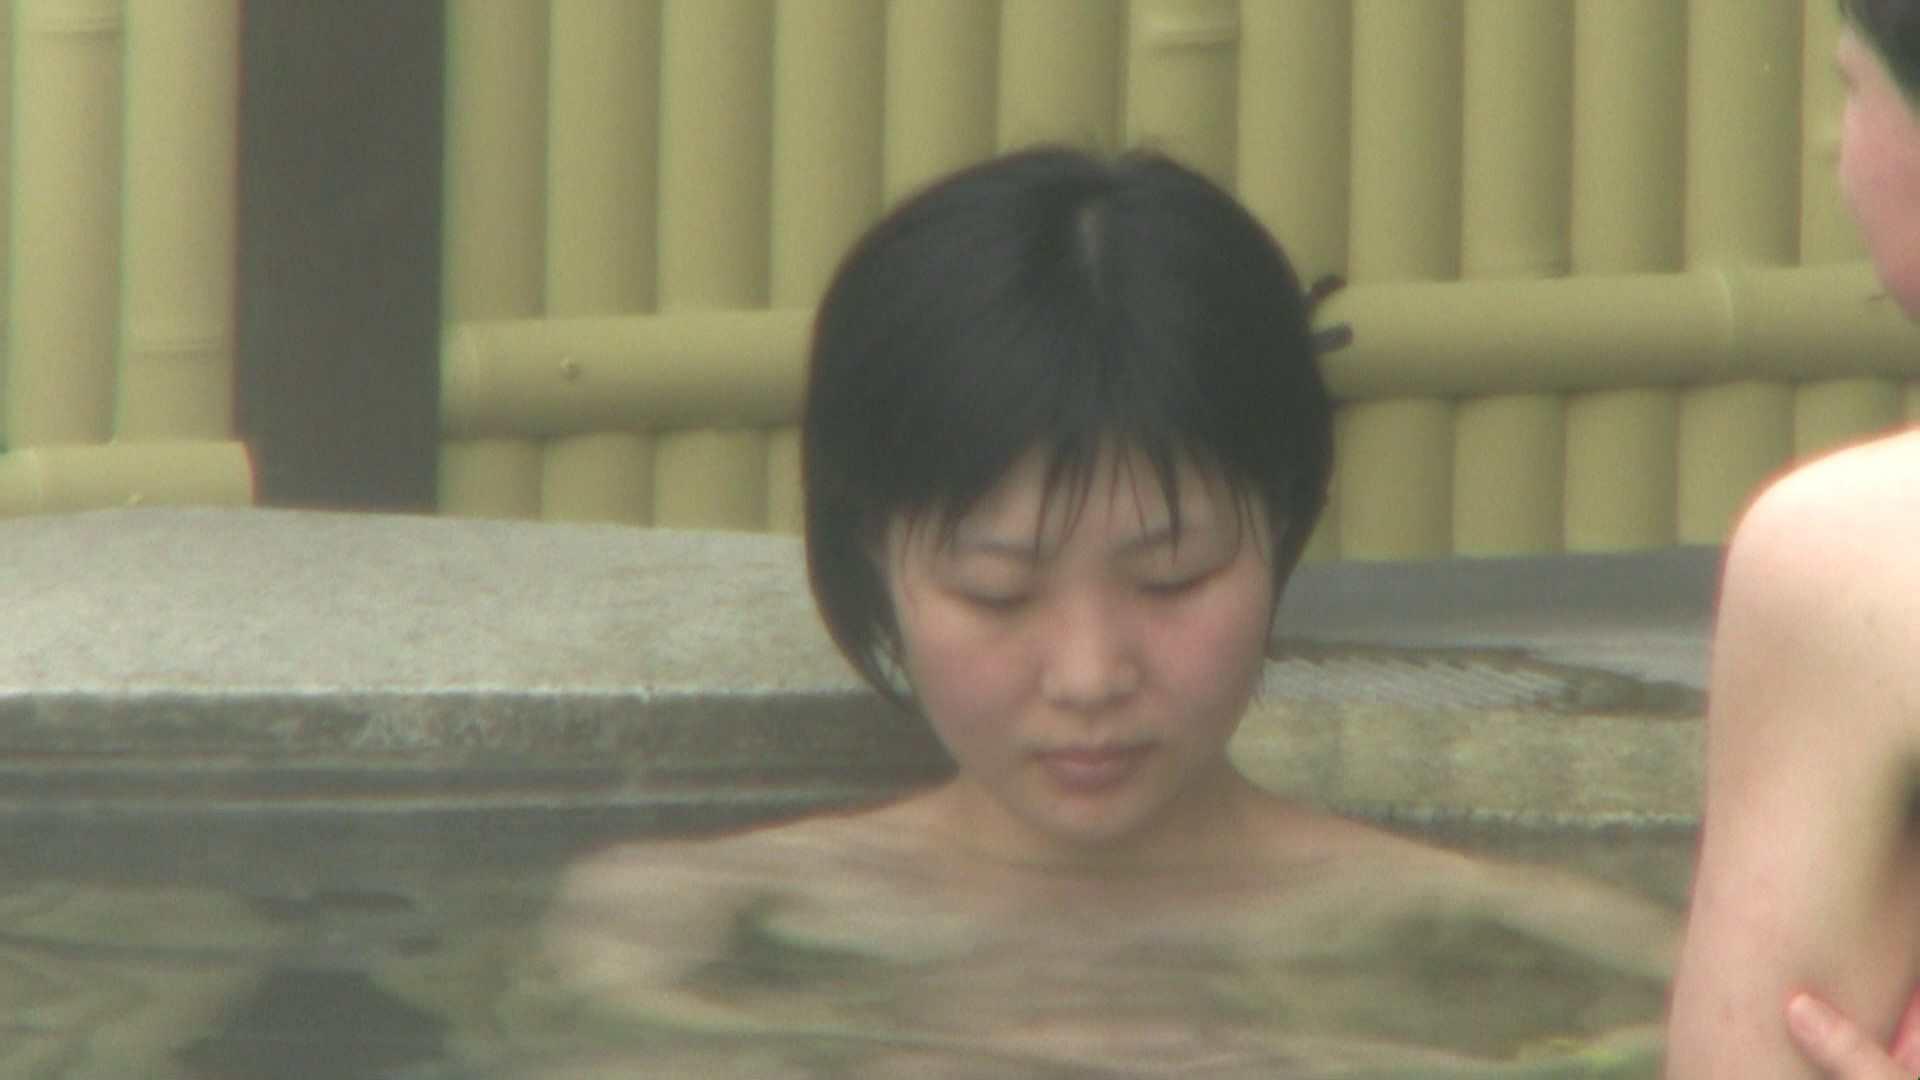 Aquaな露天風呂Vol.74【VIP限定】 盗撮   露天  79枚 61